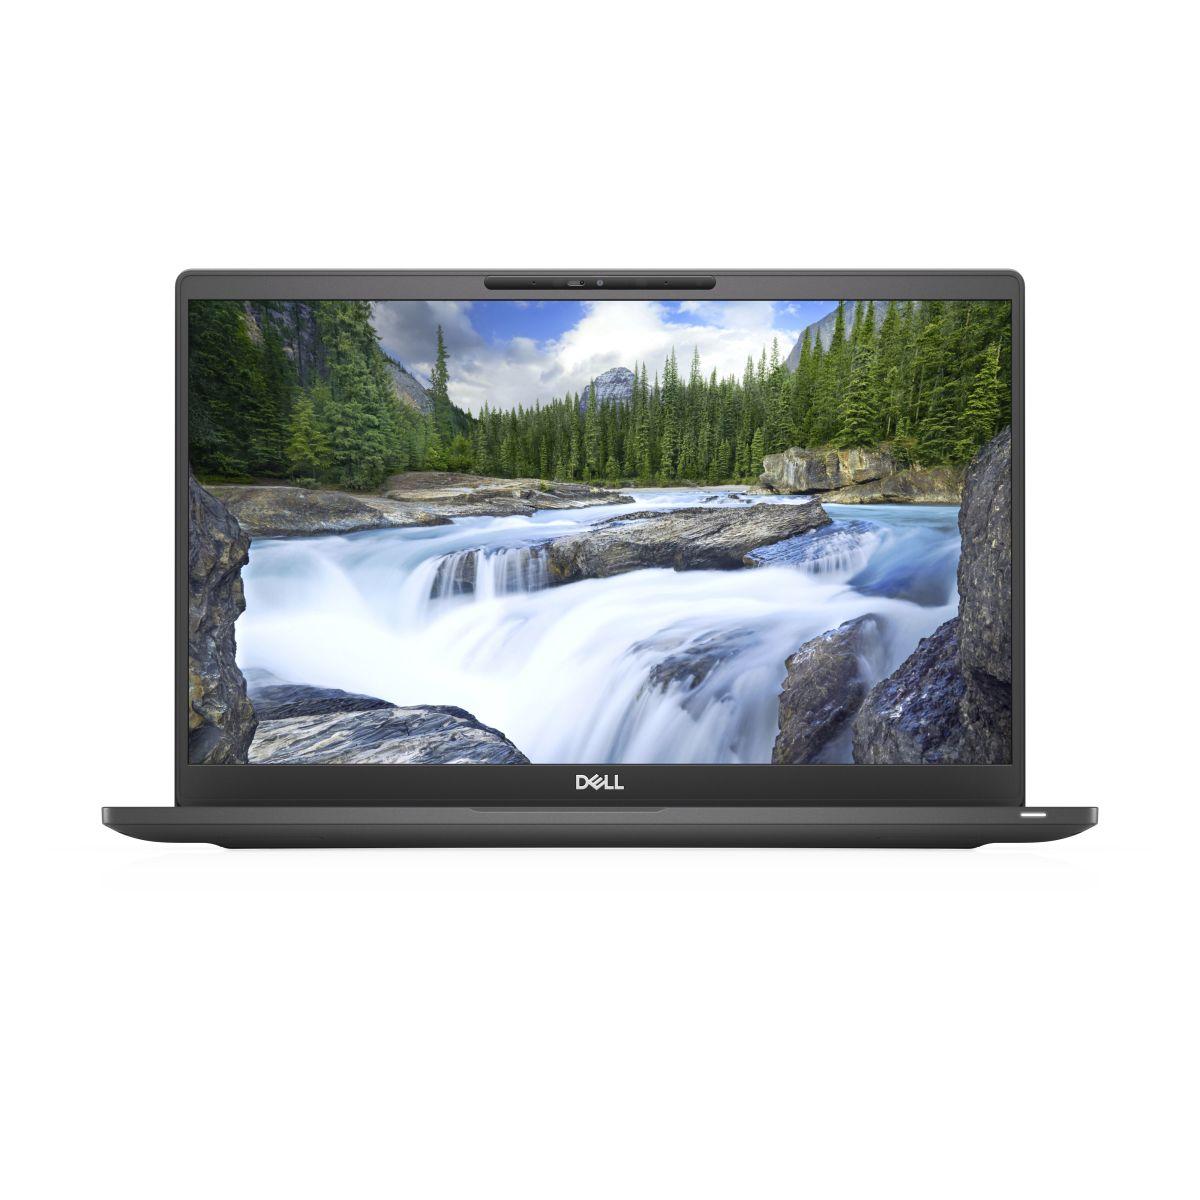 Ultrabook Dell Latitude 7400 14 Full HD Intel Core i7-8665U RAM 16GB SSD 1TB 4G Windows 10 Pro Negru